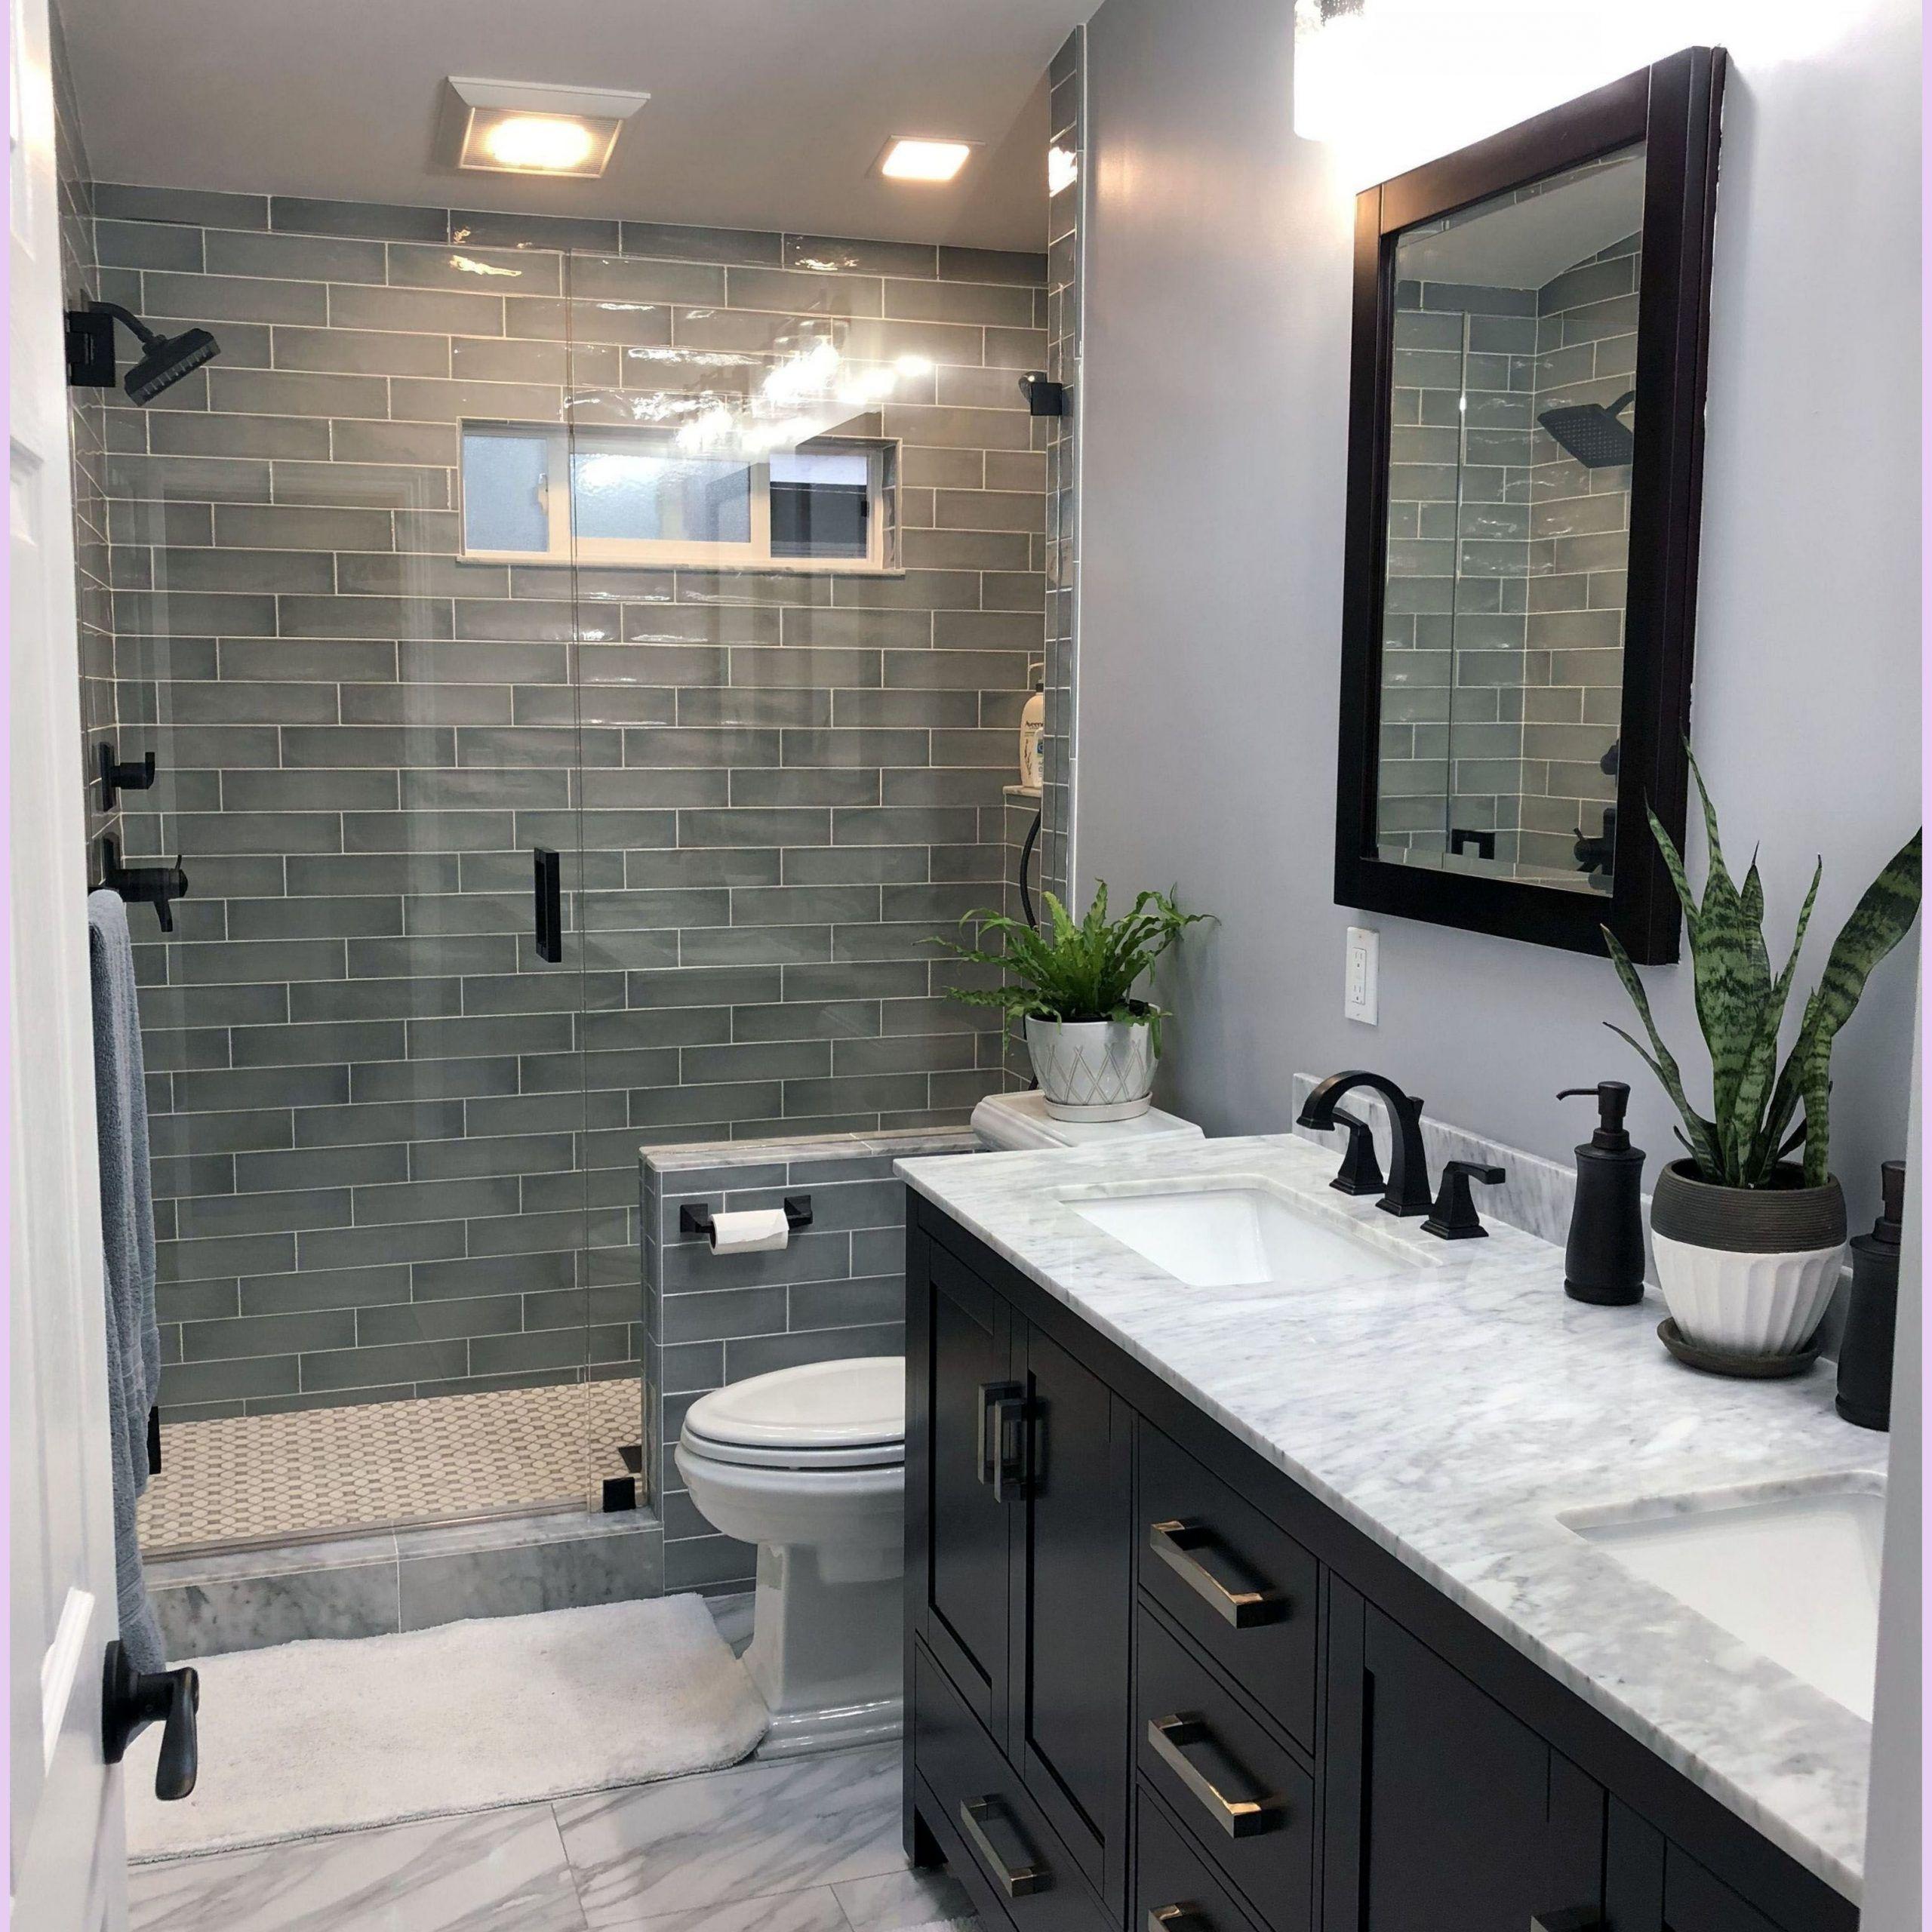 Bathroom Idea 776448860695805375 Diy Bathroom Design Bathroom Tile Designs Small Bathroom Decor Bathroom idea pictures pictures